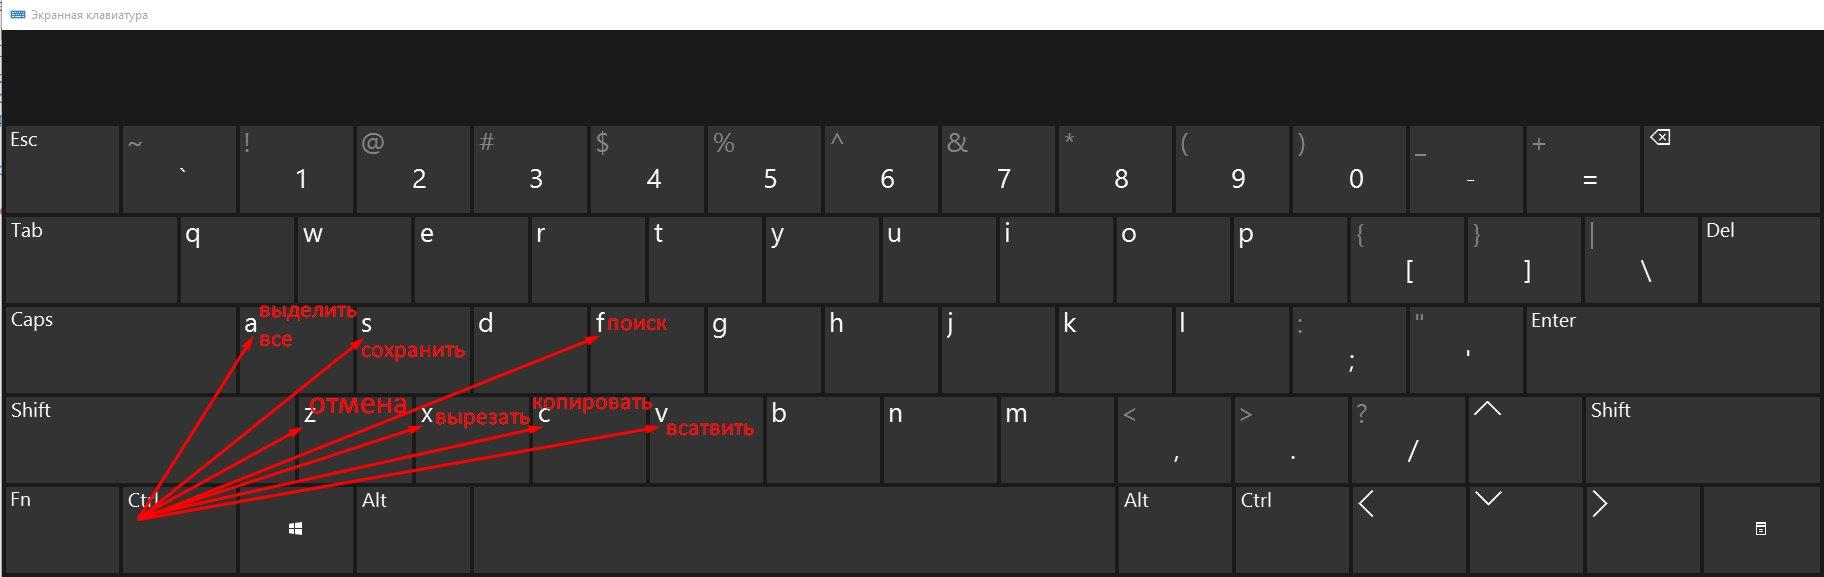 сочетания клавиш в Windows 10